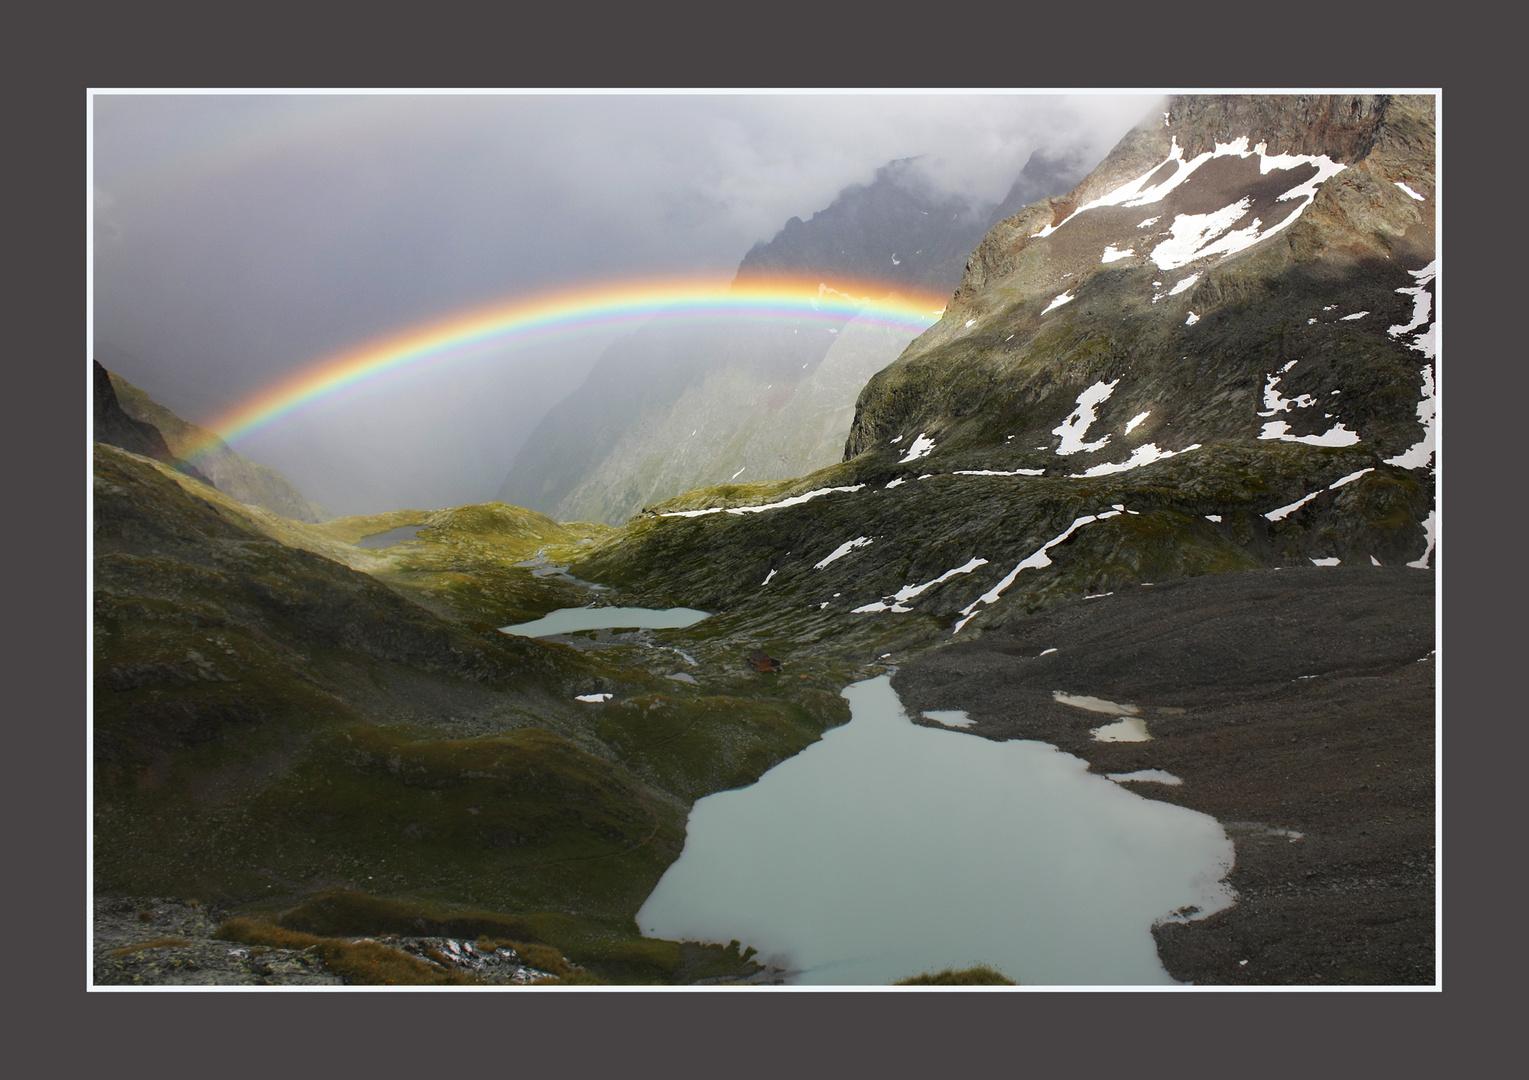 Regenbogen übern Gradental Hohe Tauern